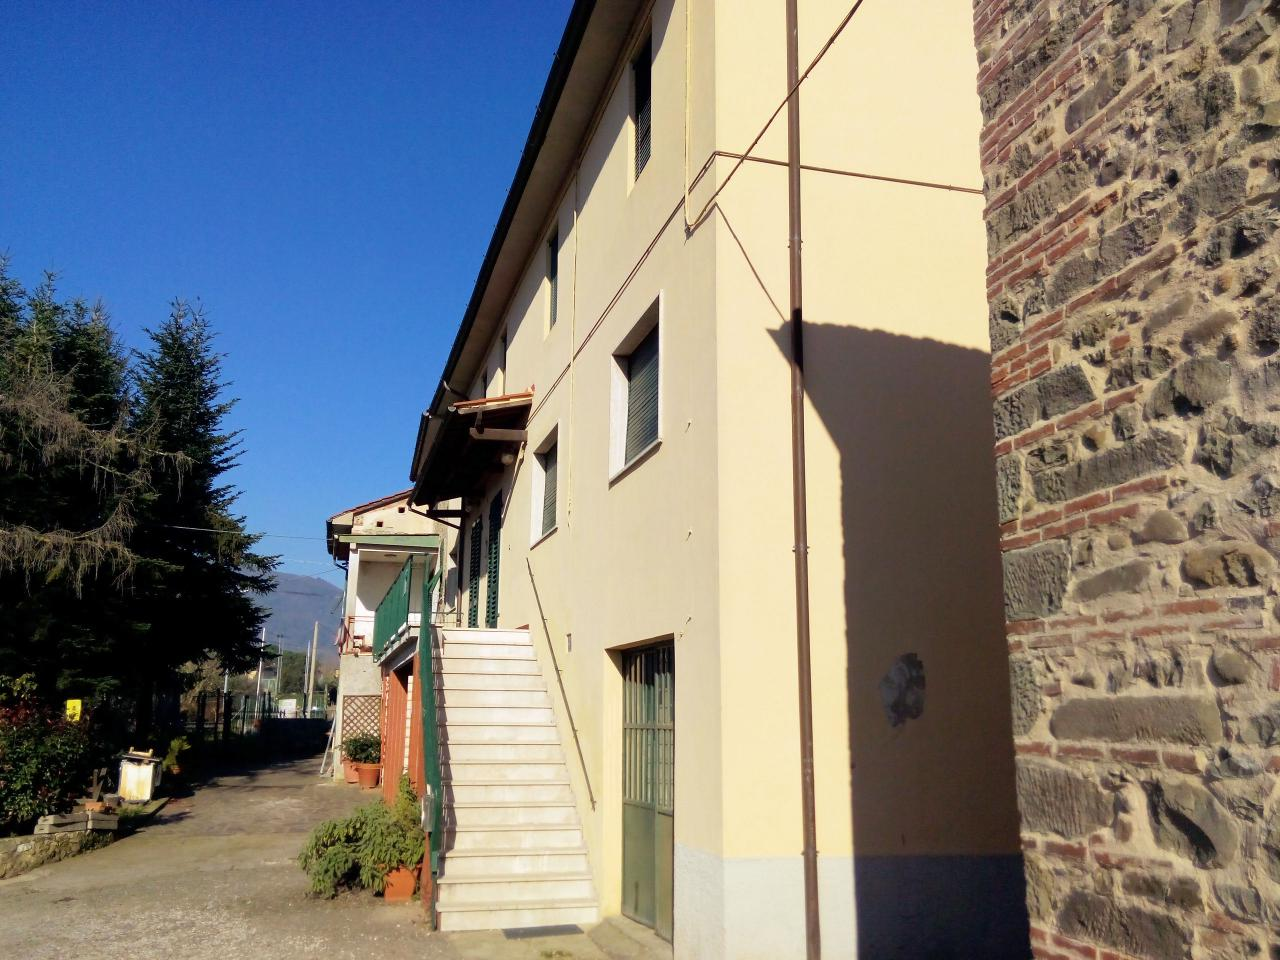 Rustico / Casale in vendita a Pescia, 10 locali, prezzo € 159.000 | Cambio Casa.it